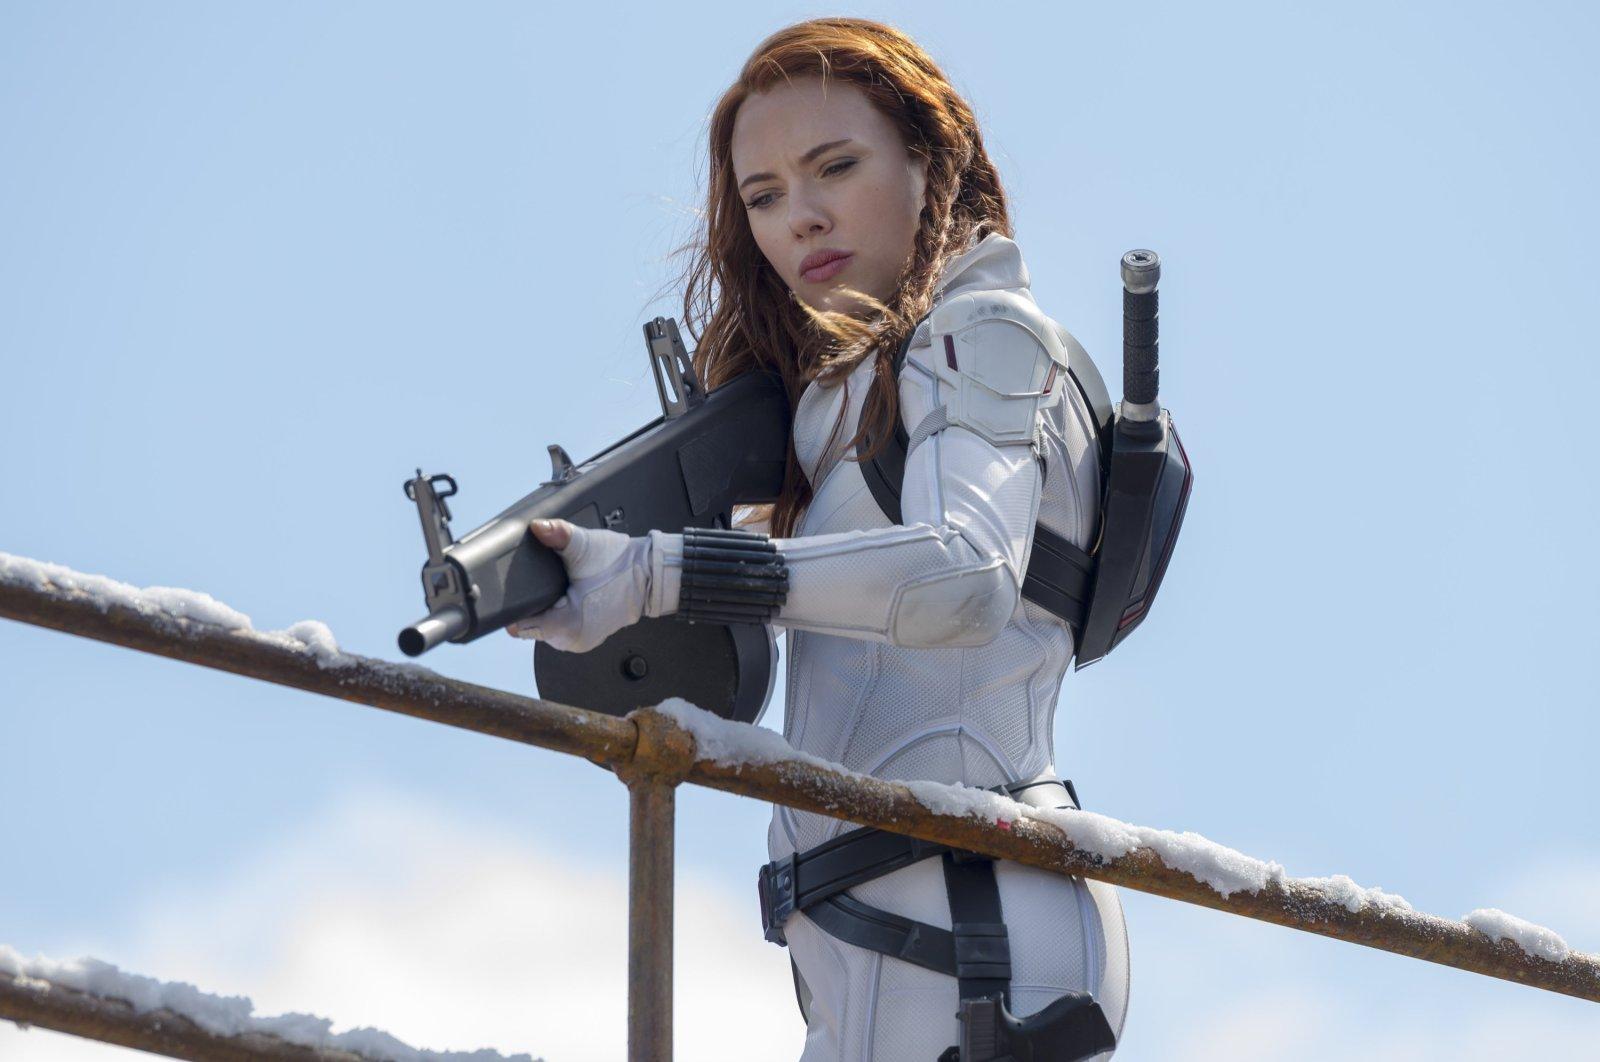 Scarlett Johansson wields a weapon in a scene from Marvel superhero film 'Black Widow.' (Disney via AP)